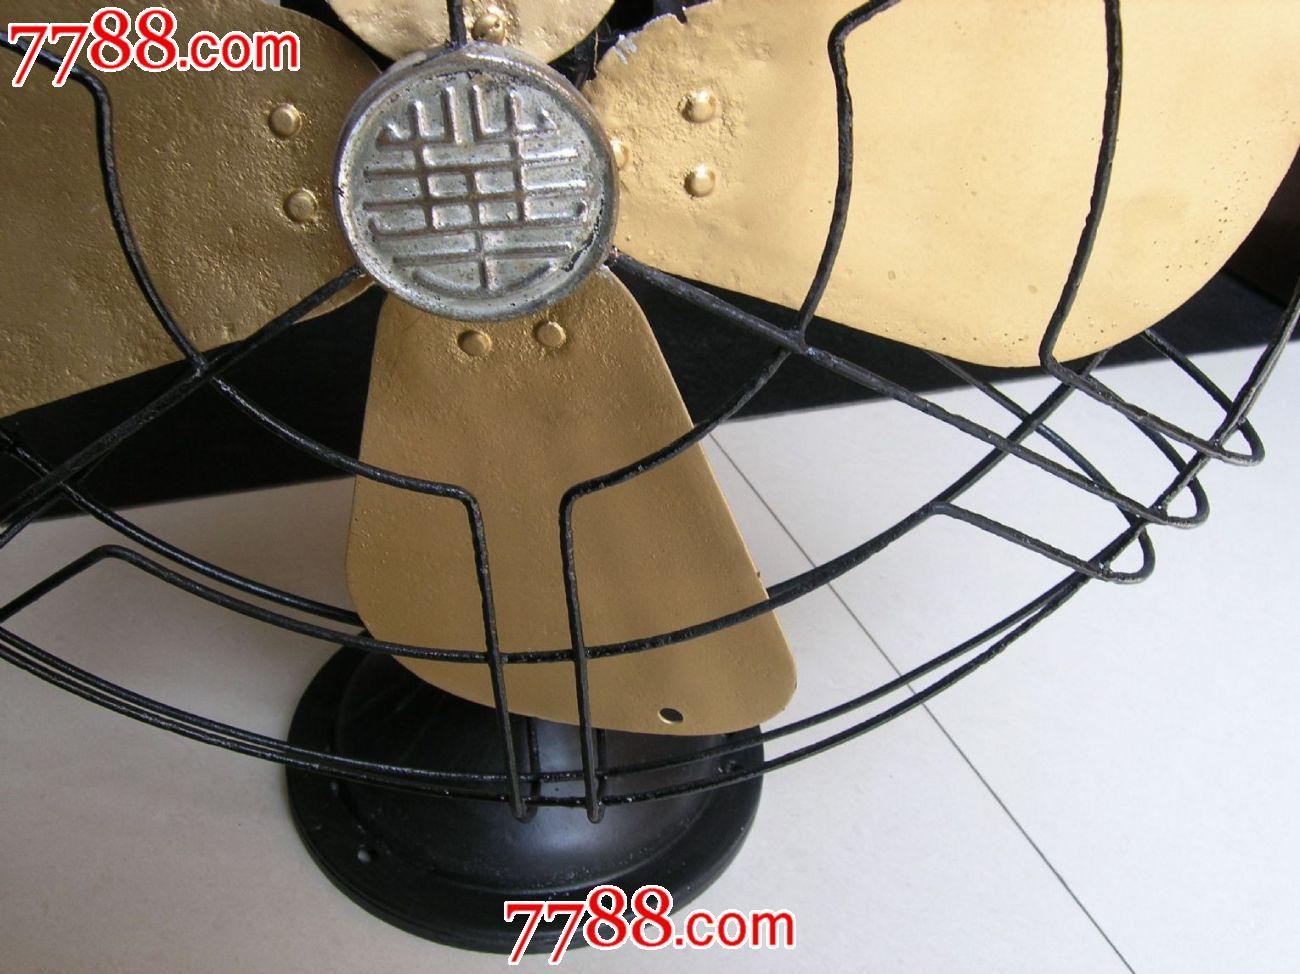 华生牌古董电风扇